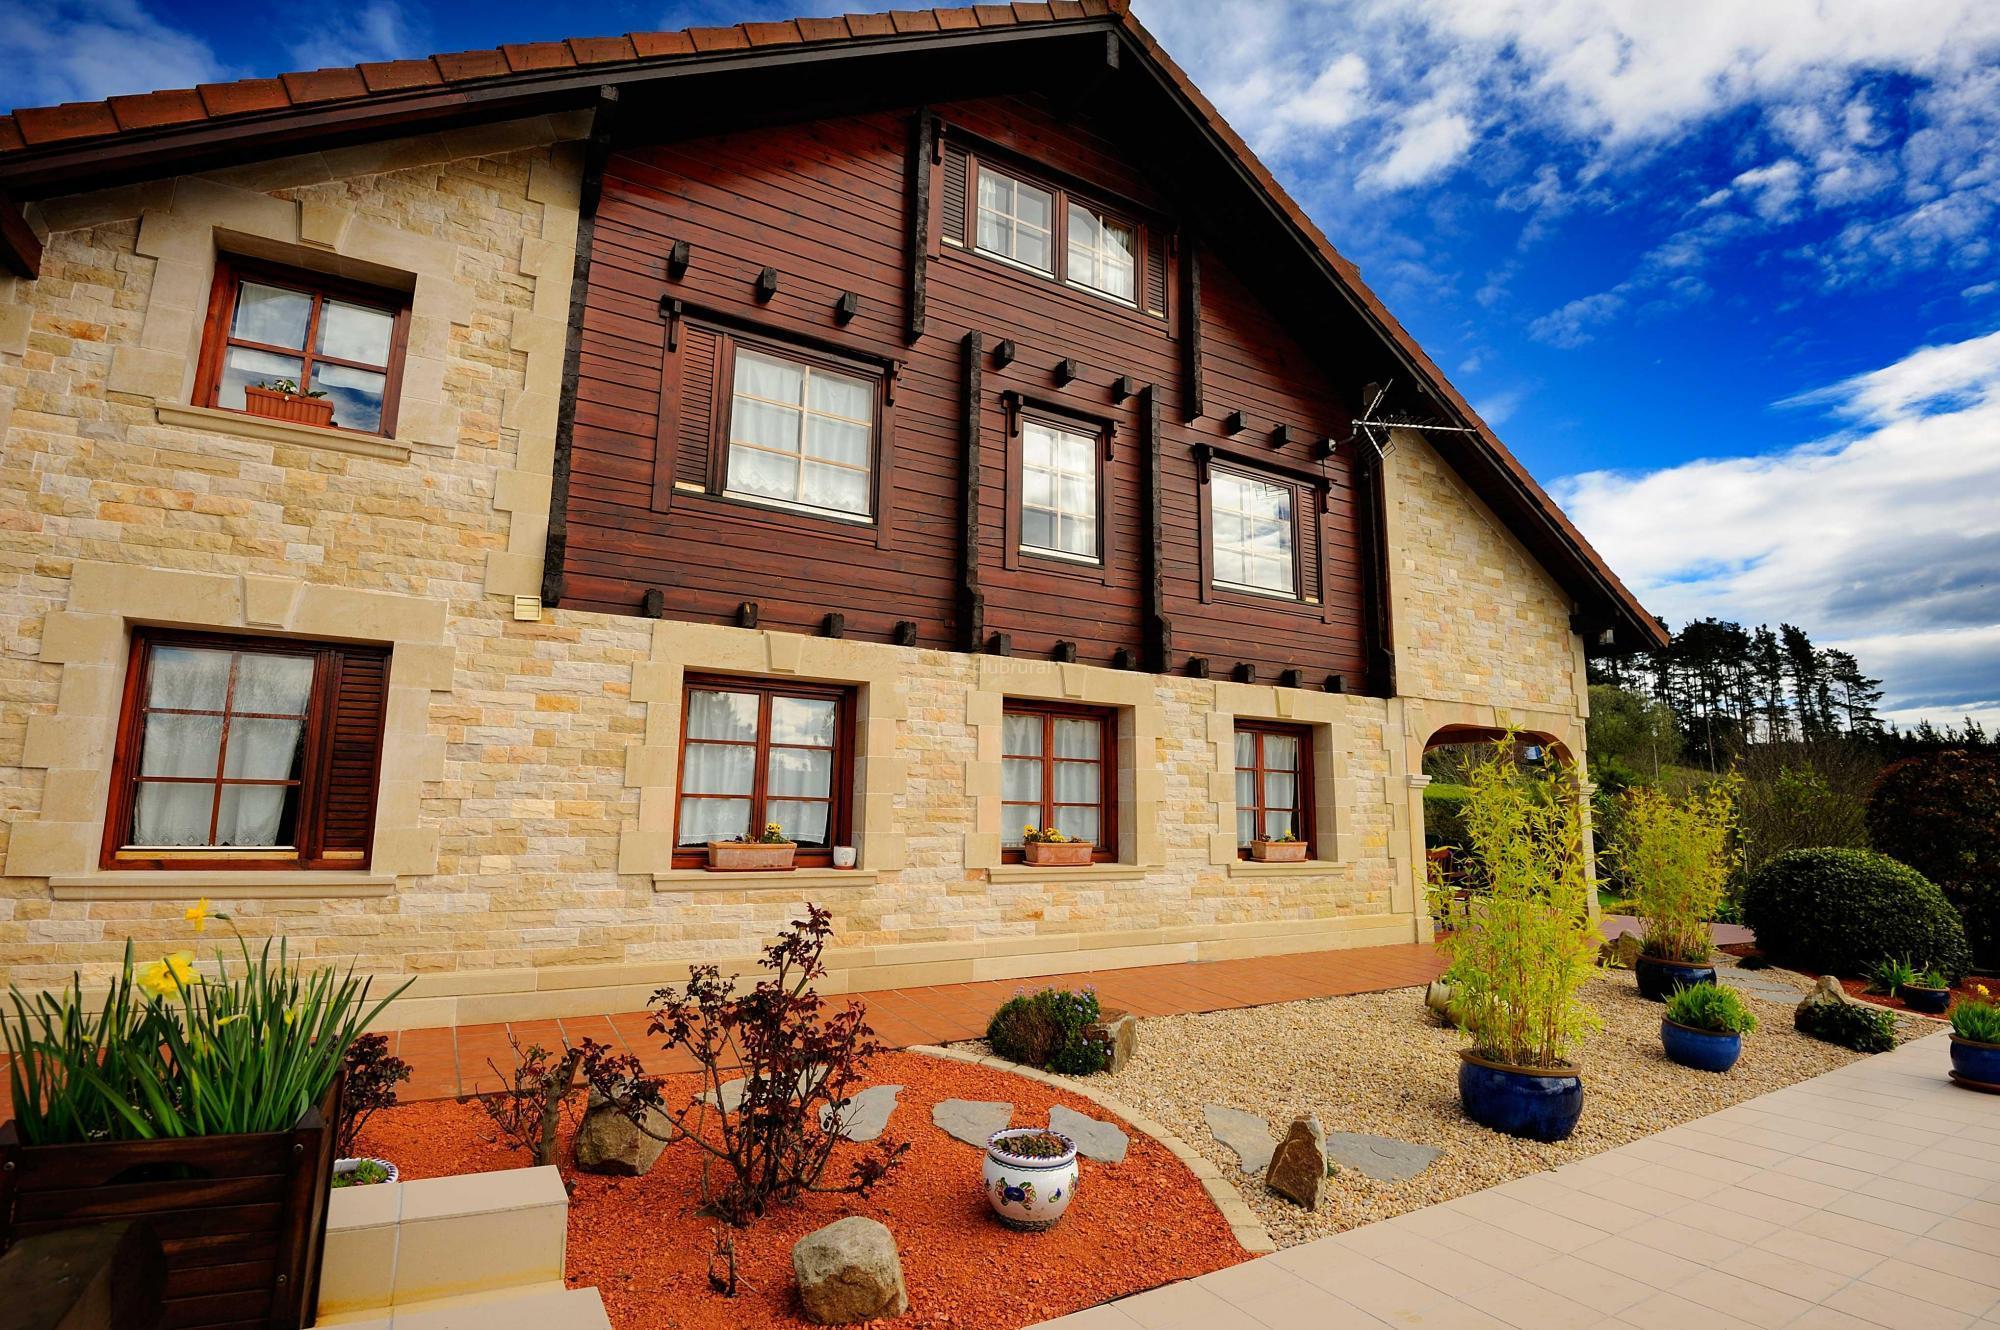 Fotos de la casa de madera vizcaya arrieta clubrural - Imagenes de casas de madera ...